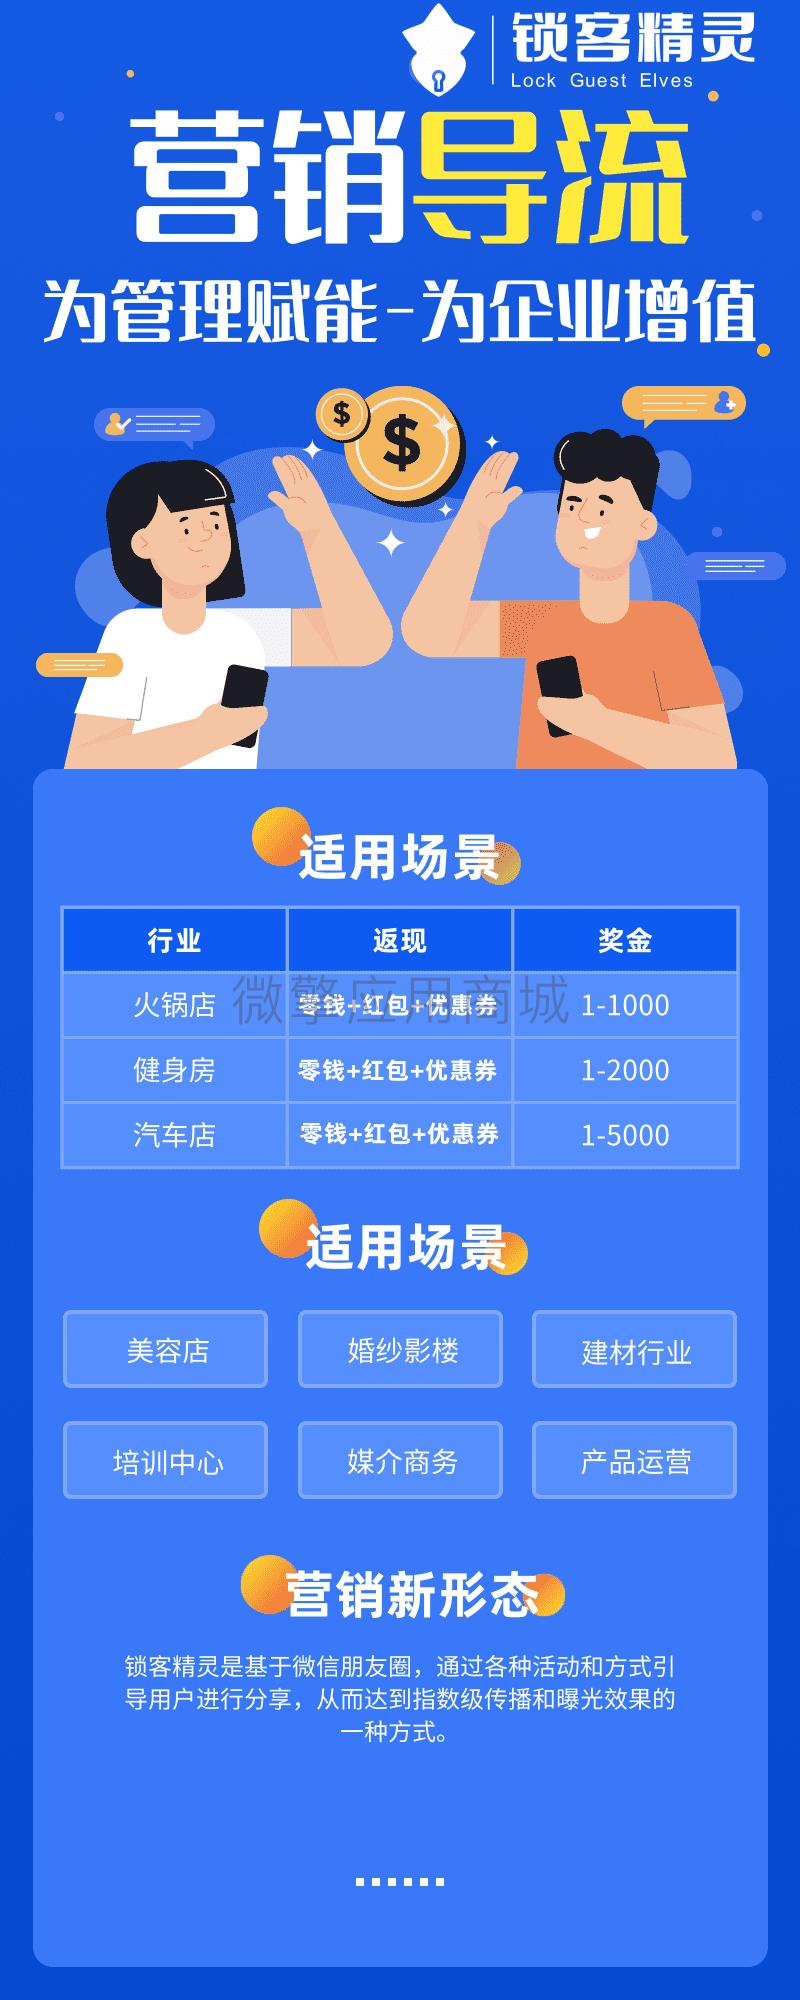 锁客精灵营销导流.png